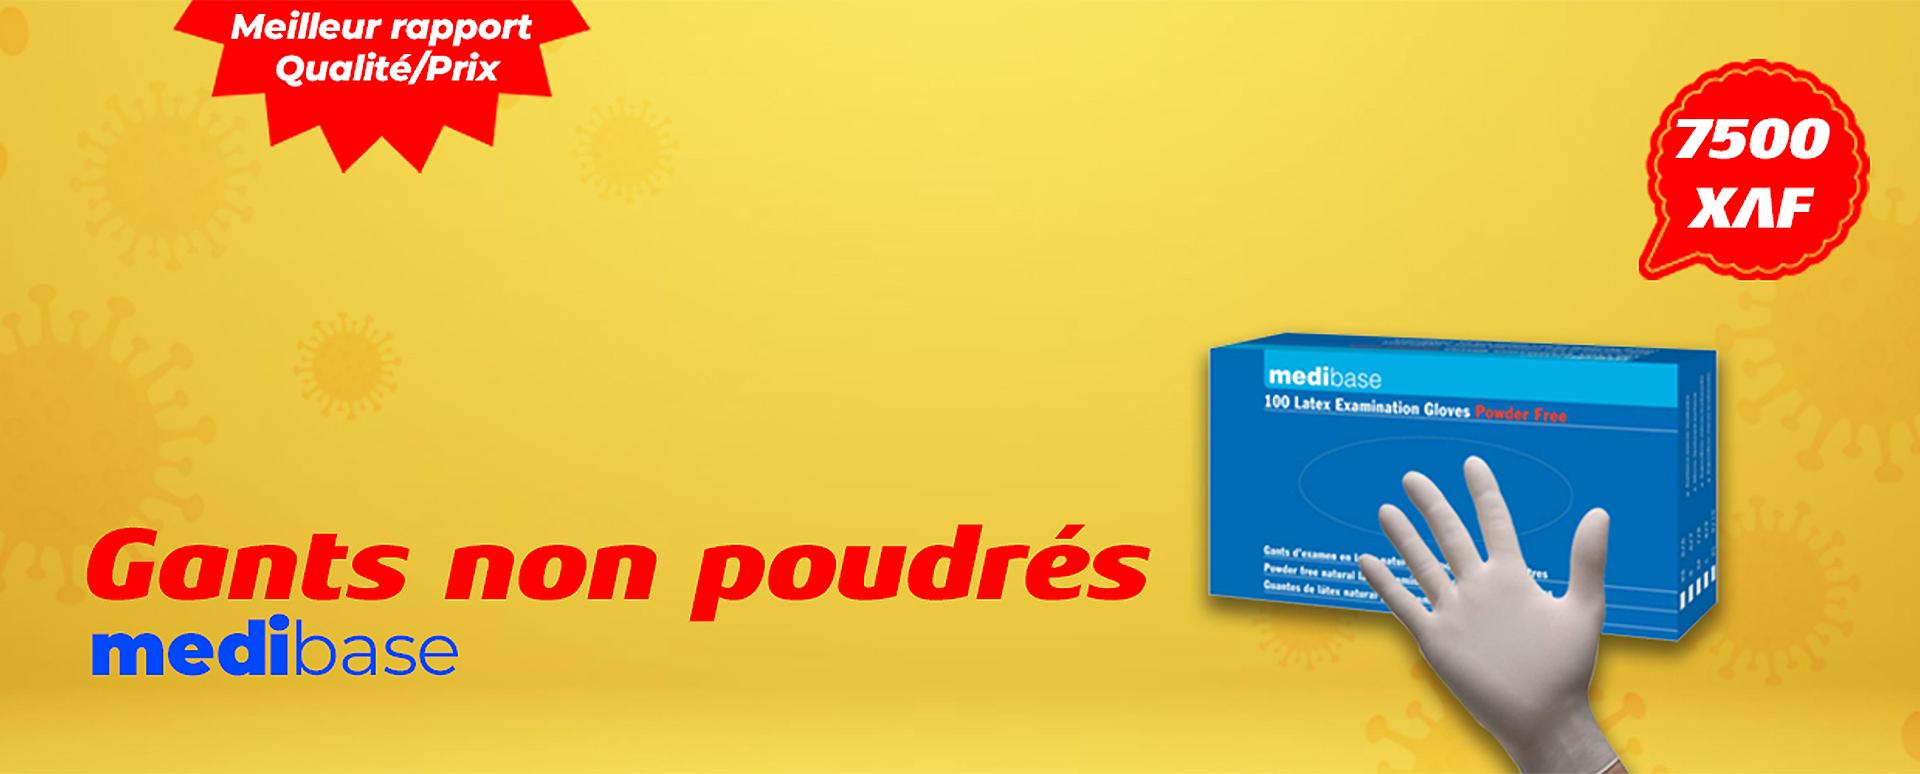 gants non poudrés medibase yaoundé cameroun